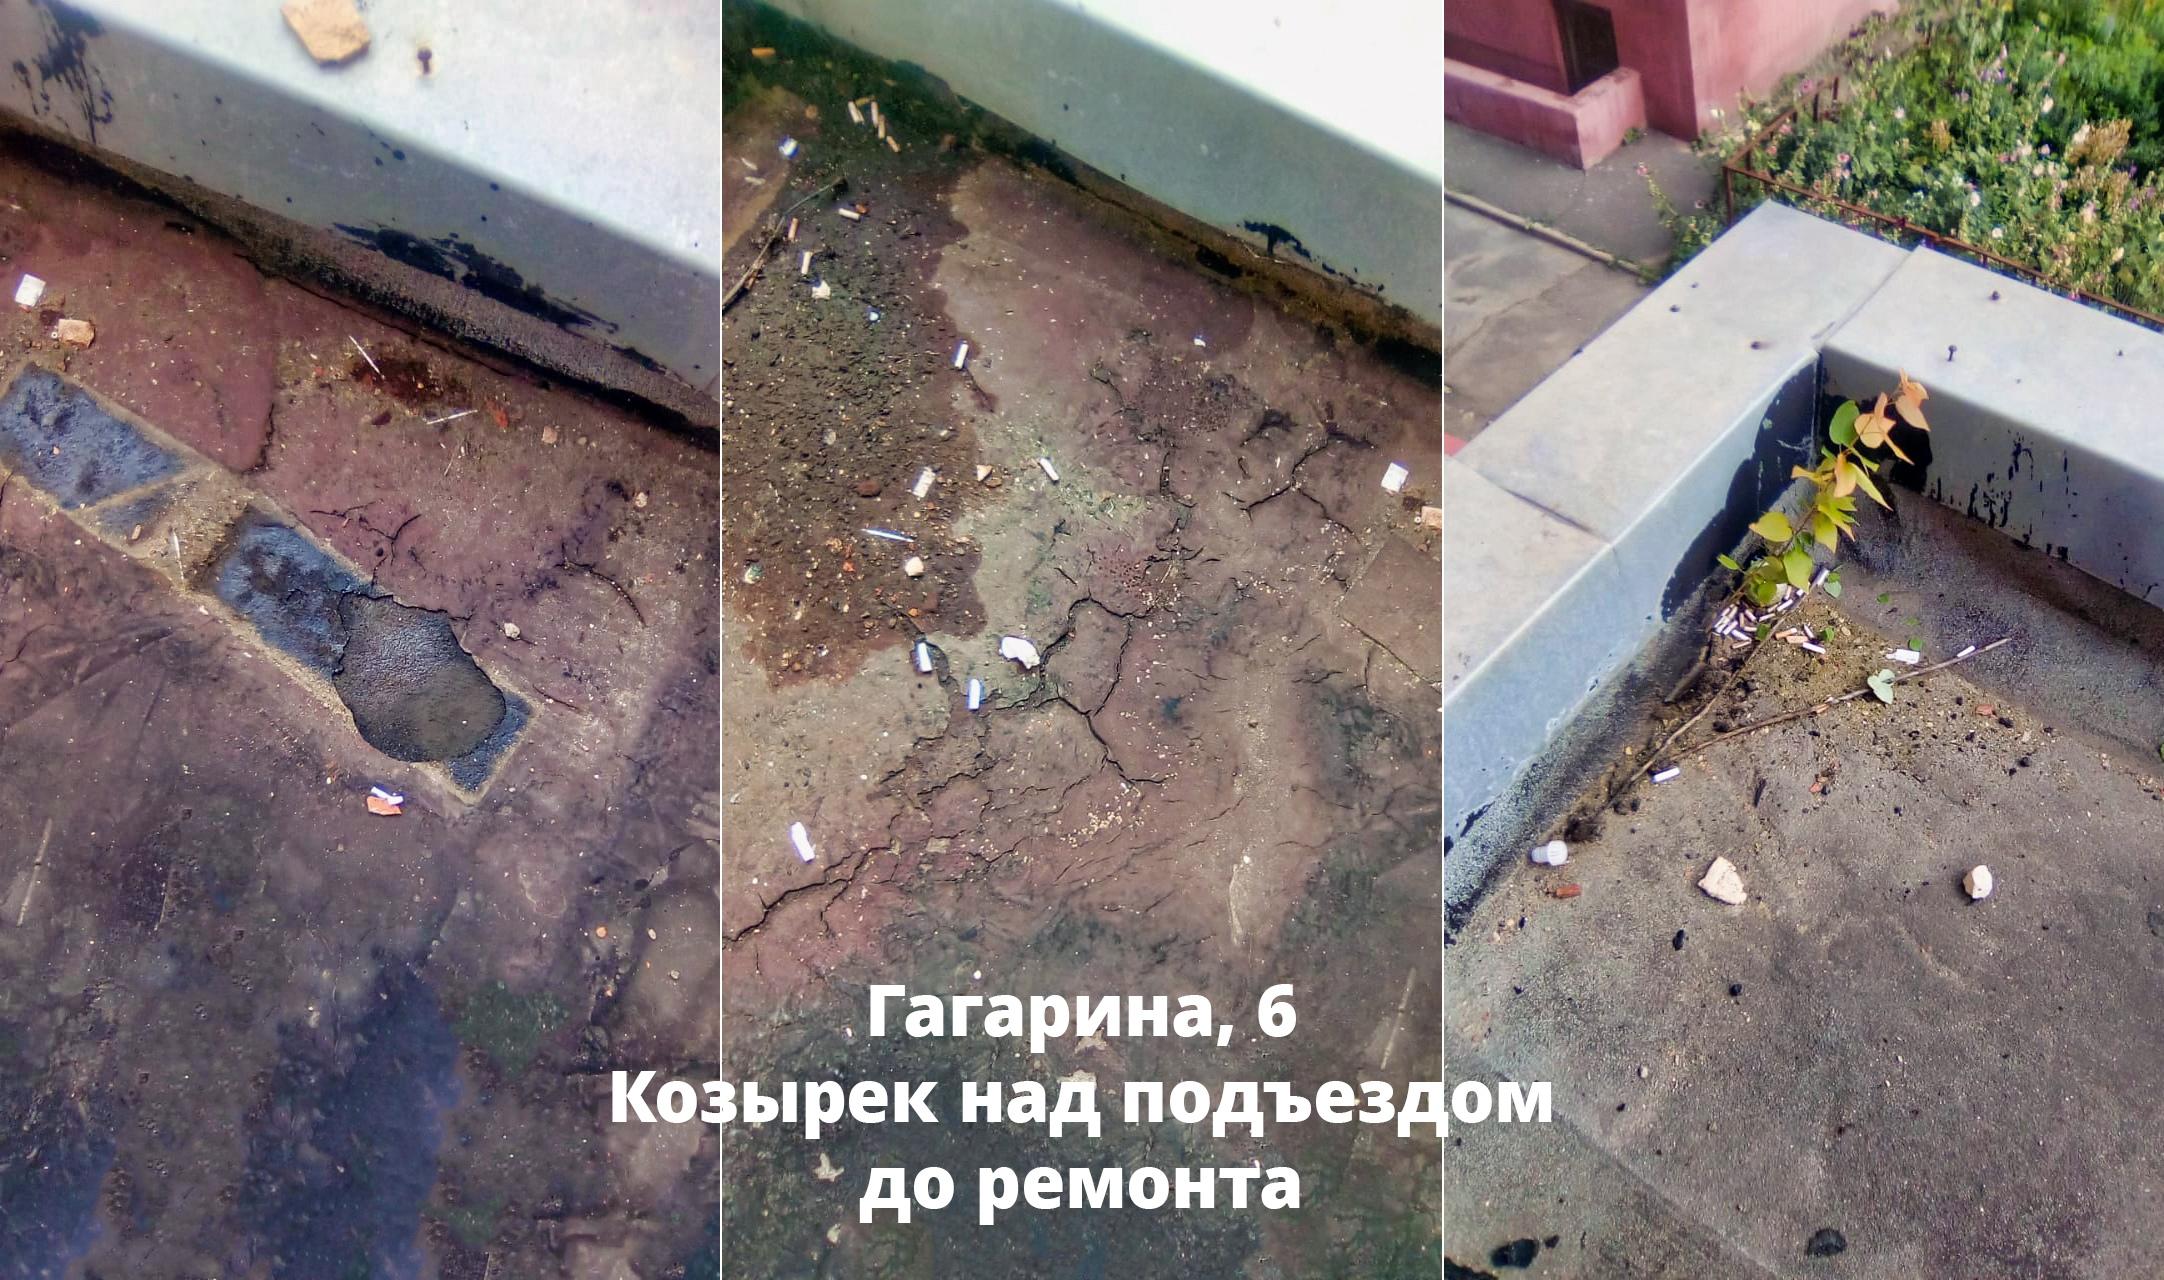 Отремонтировали козырек над подъездом Гагарина, 6